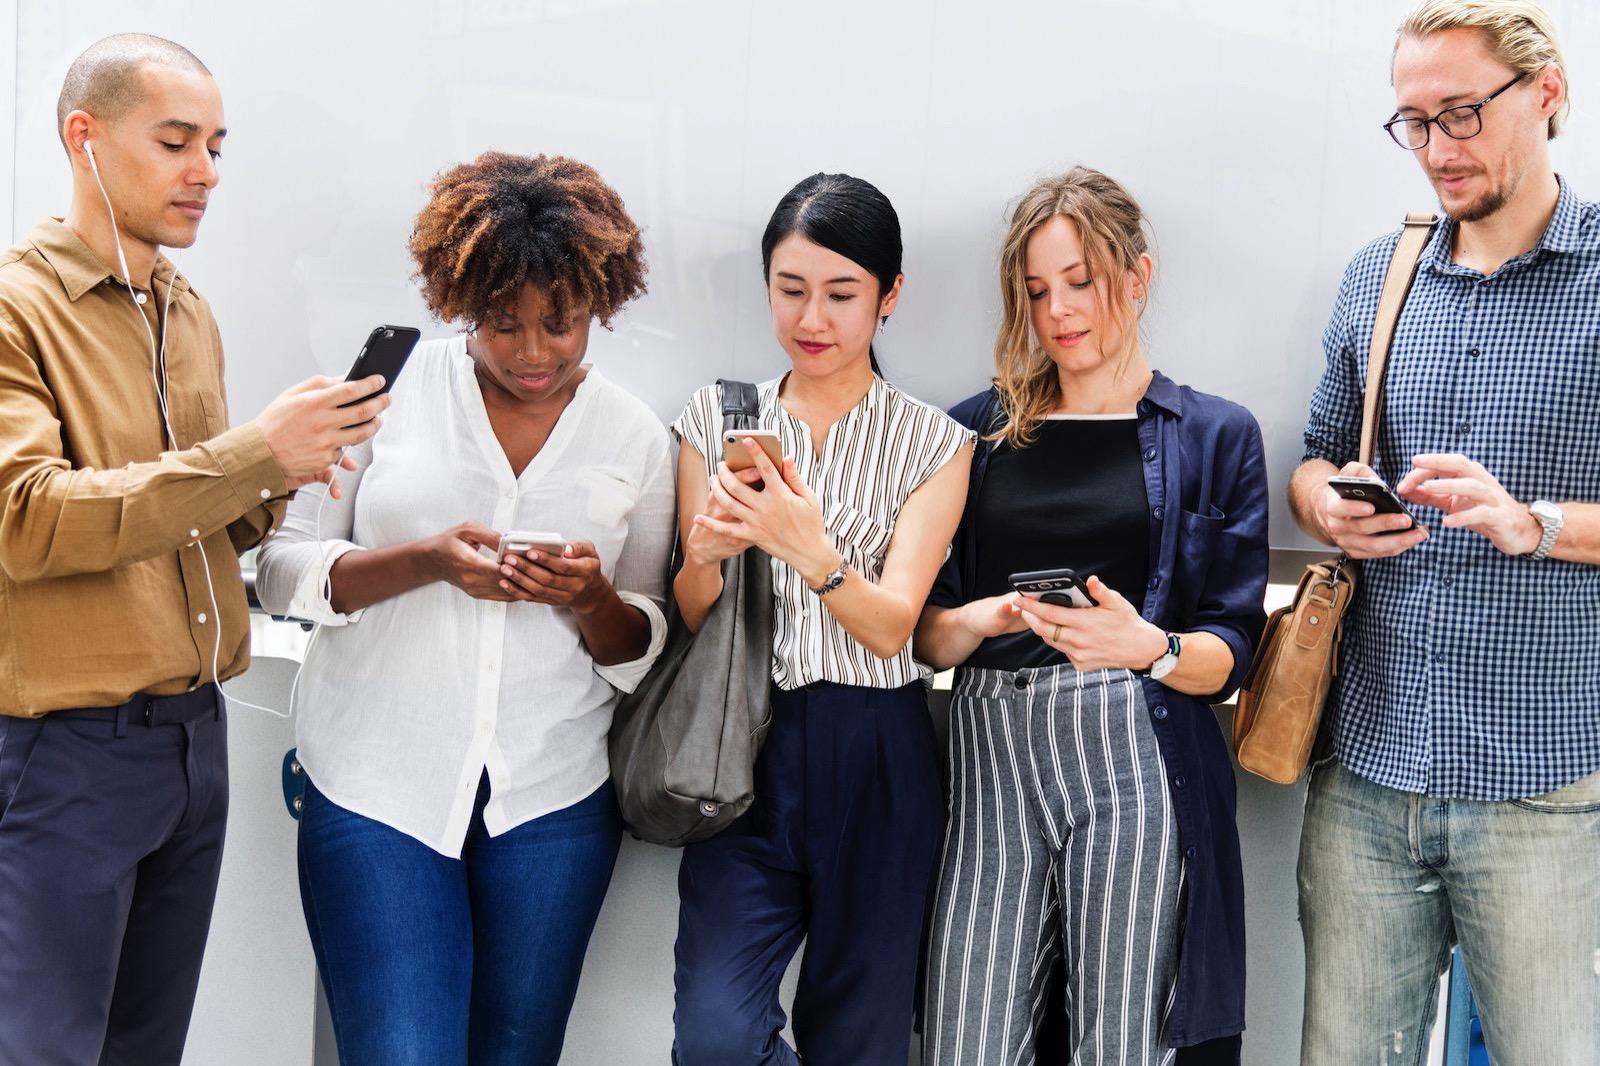 Rawpixel 1054575 unsplash people looking at phones